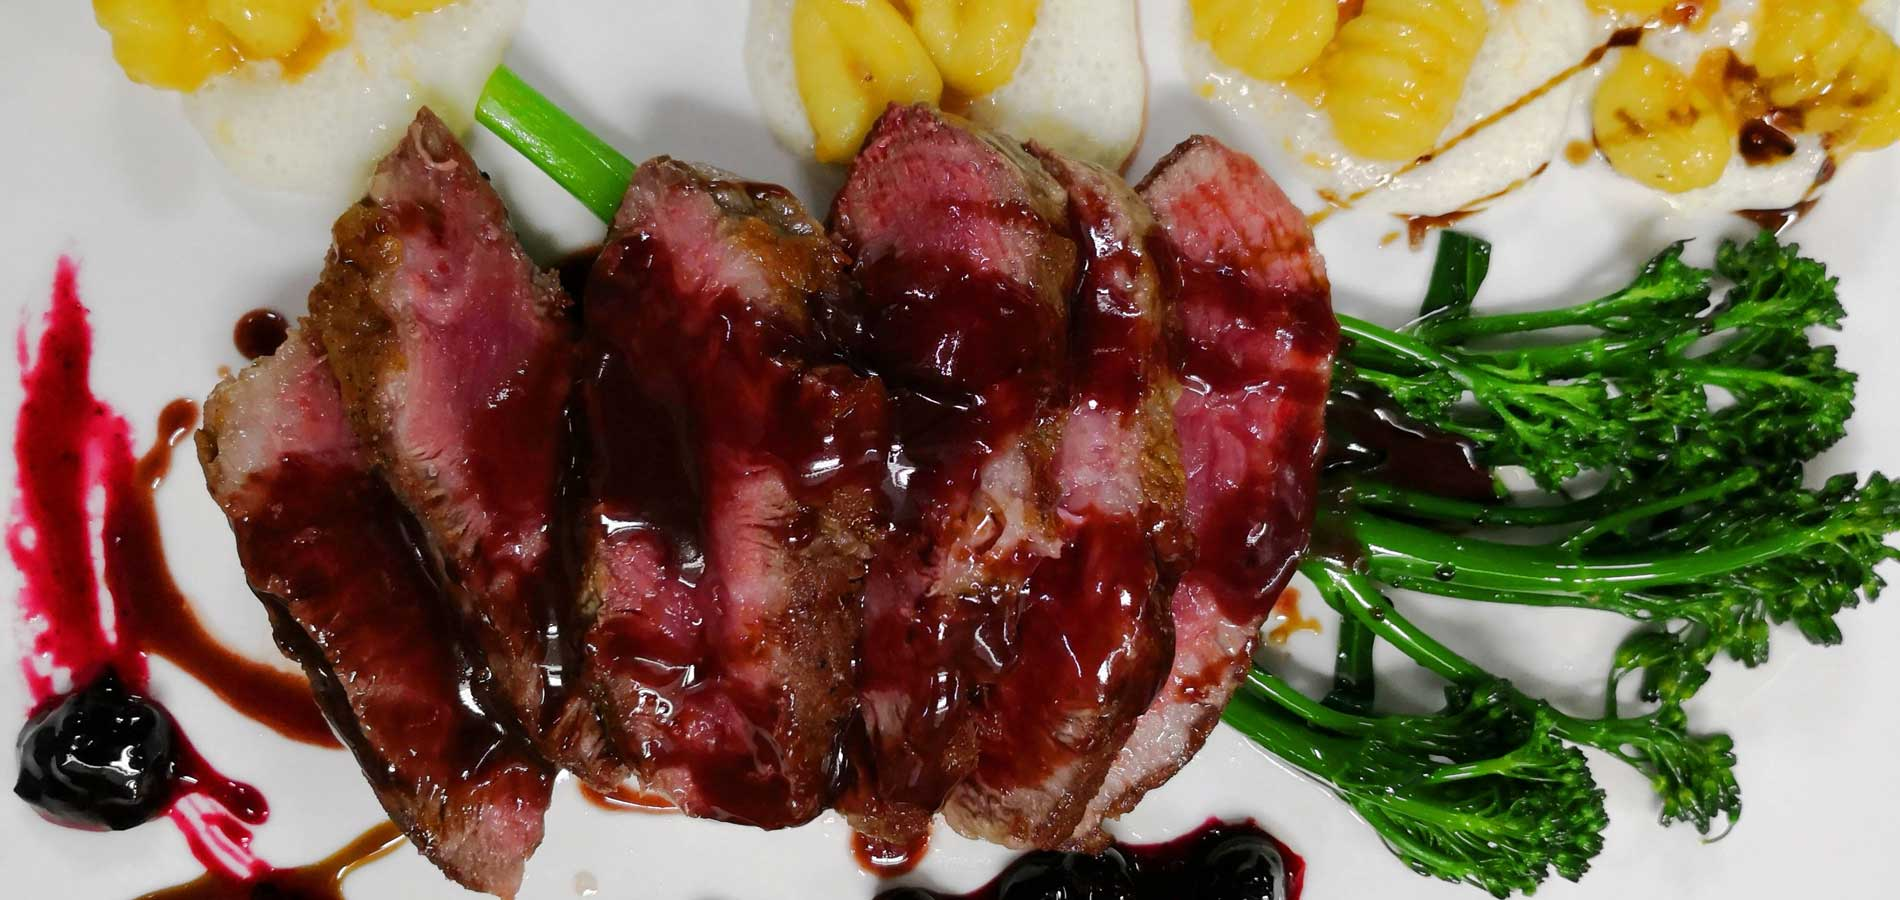 Carnes - Presa Ibérica, ñoquis sobre puré, salsa de frutas rojas y bimi